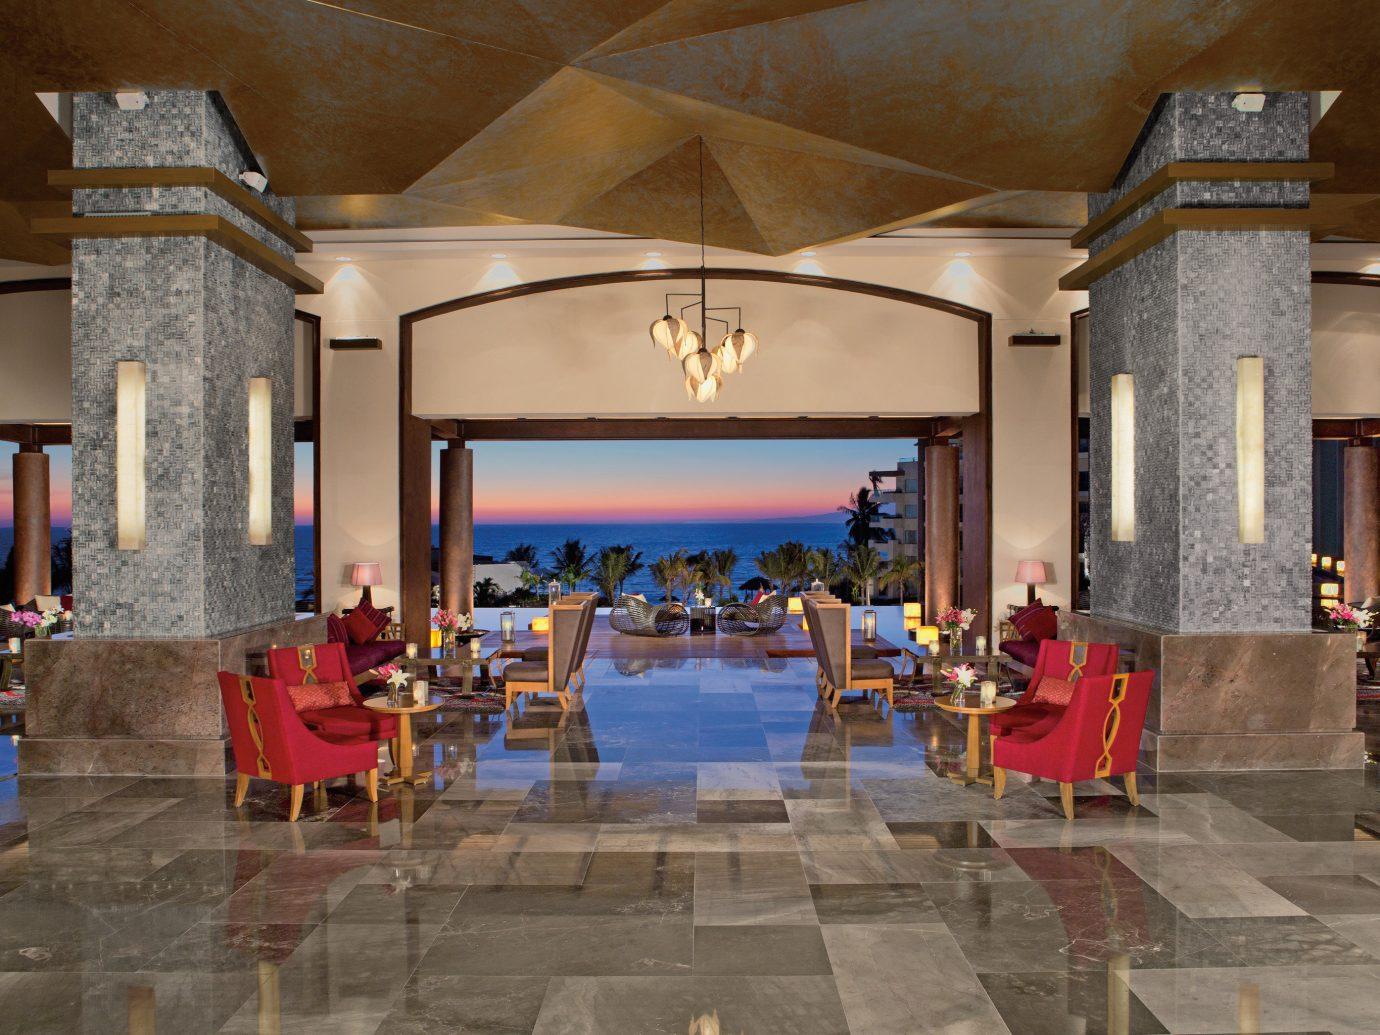 Hotels indoor Lobby ceiling interior design Resort restaurant leisure estate area